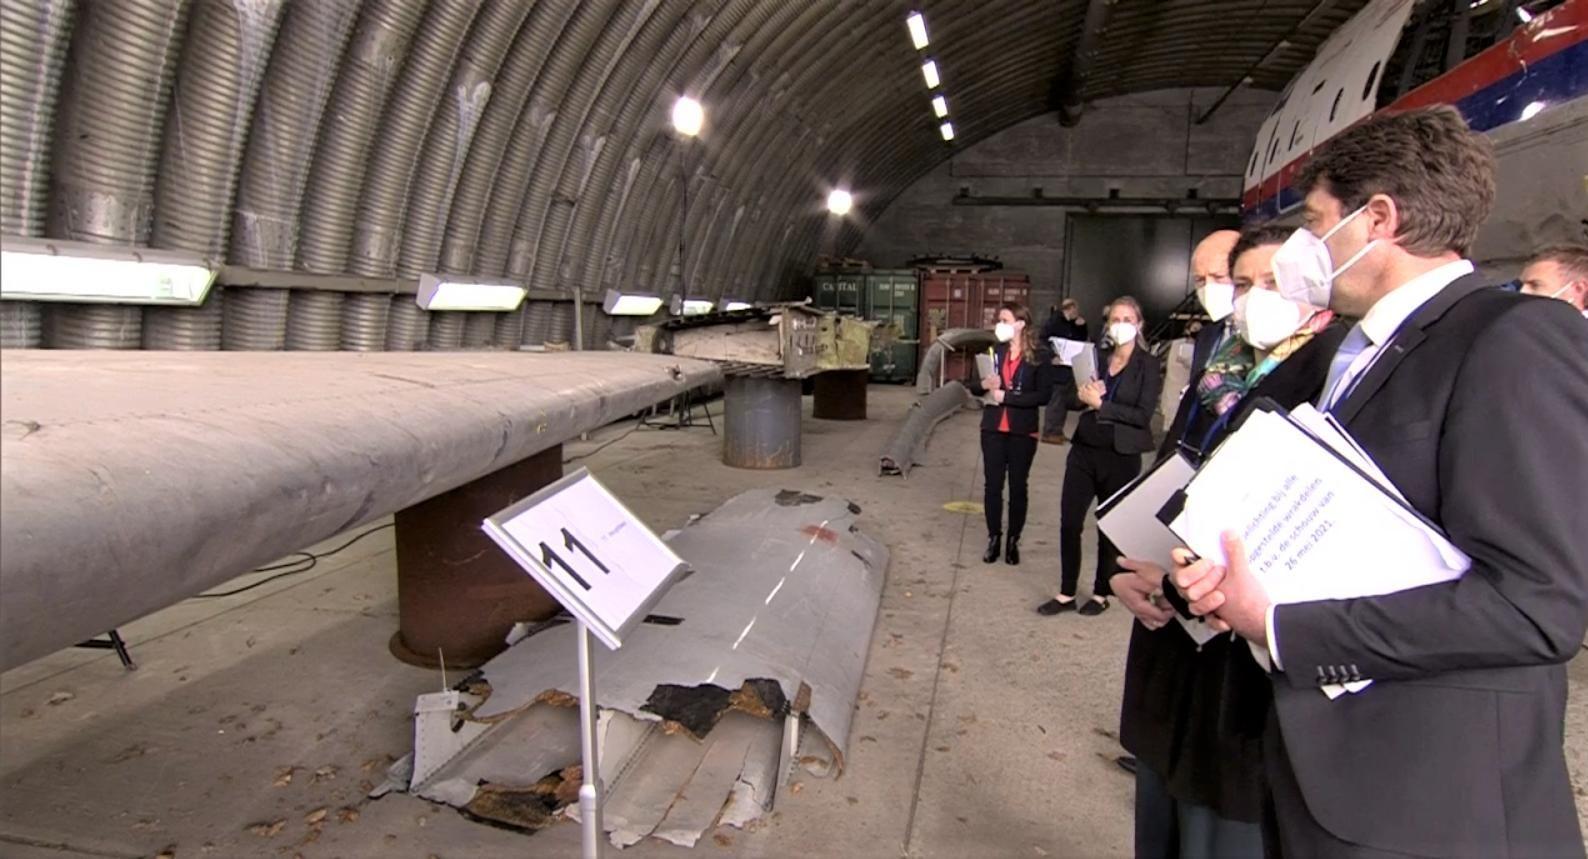 Специалисты из Bellingcat поделились новыми подробностями в деле о самолете MH17: все ведет в Россию